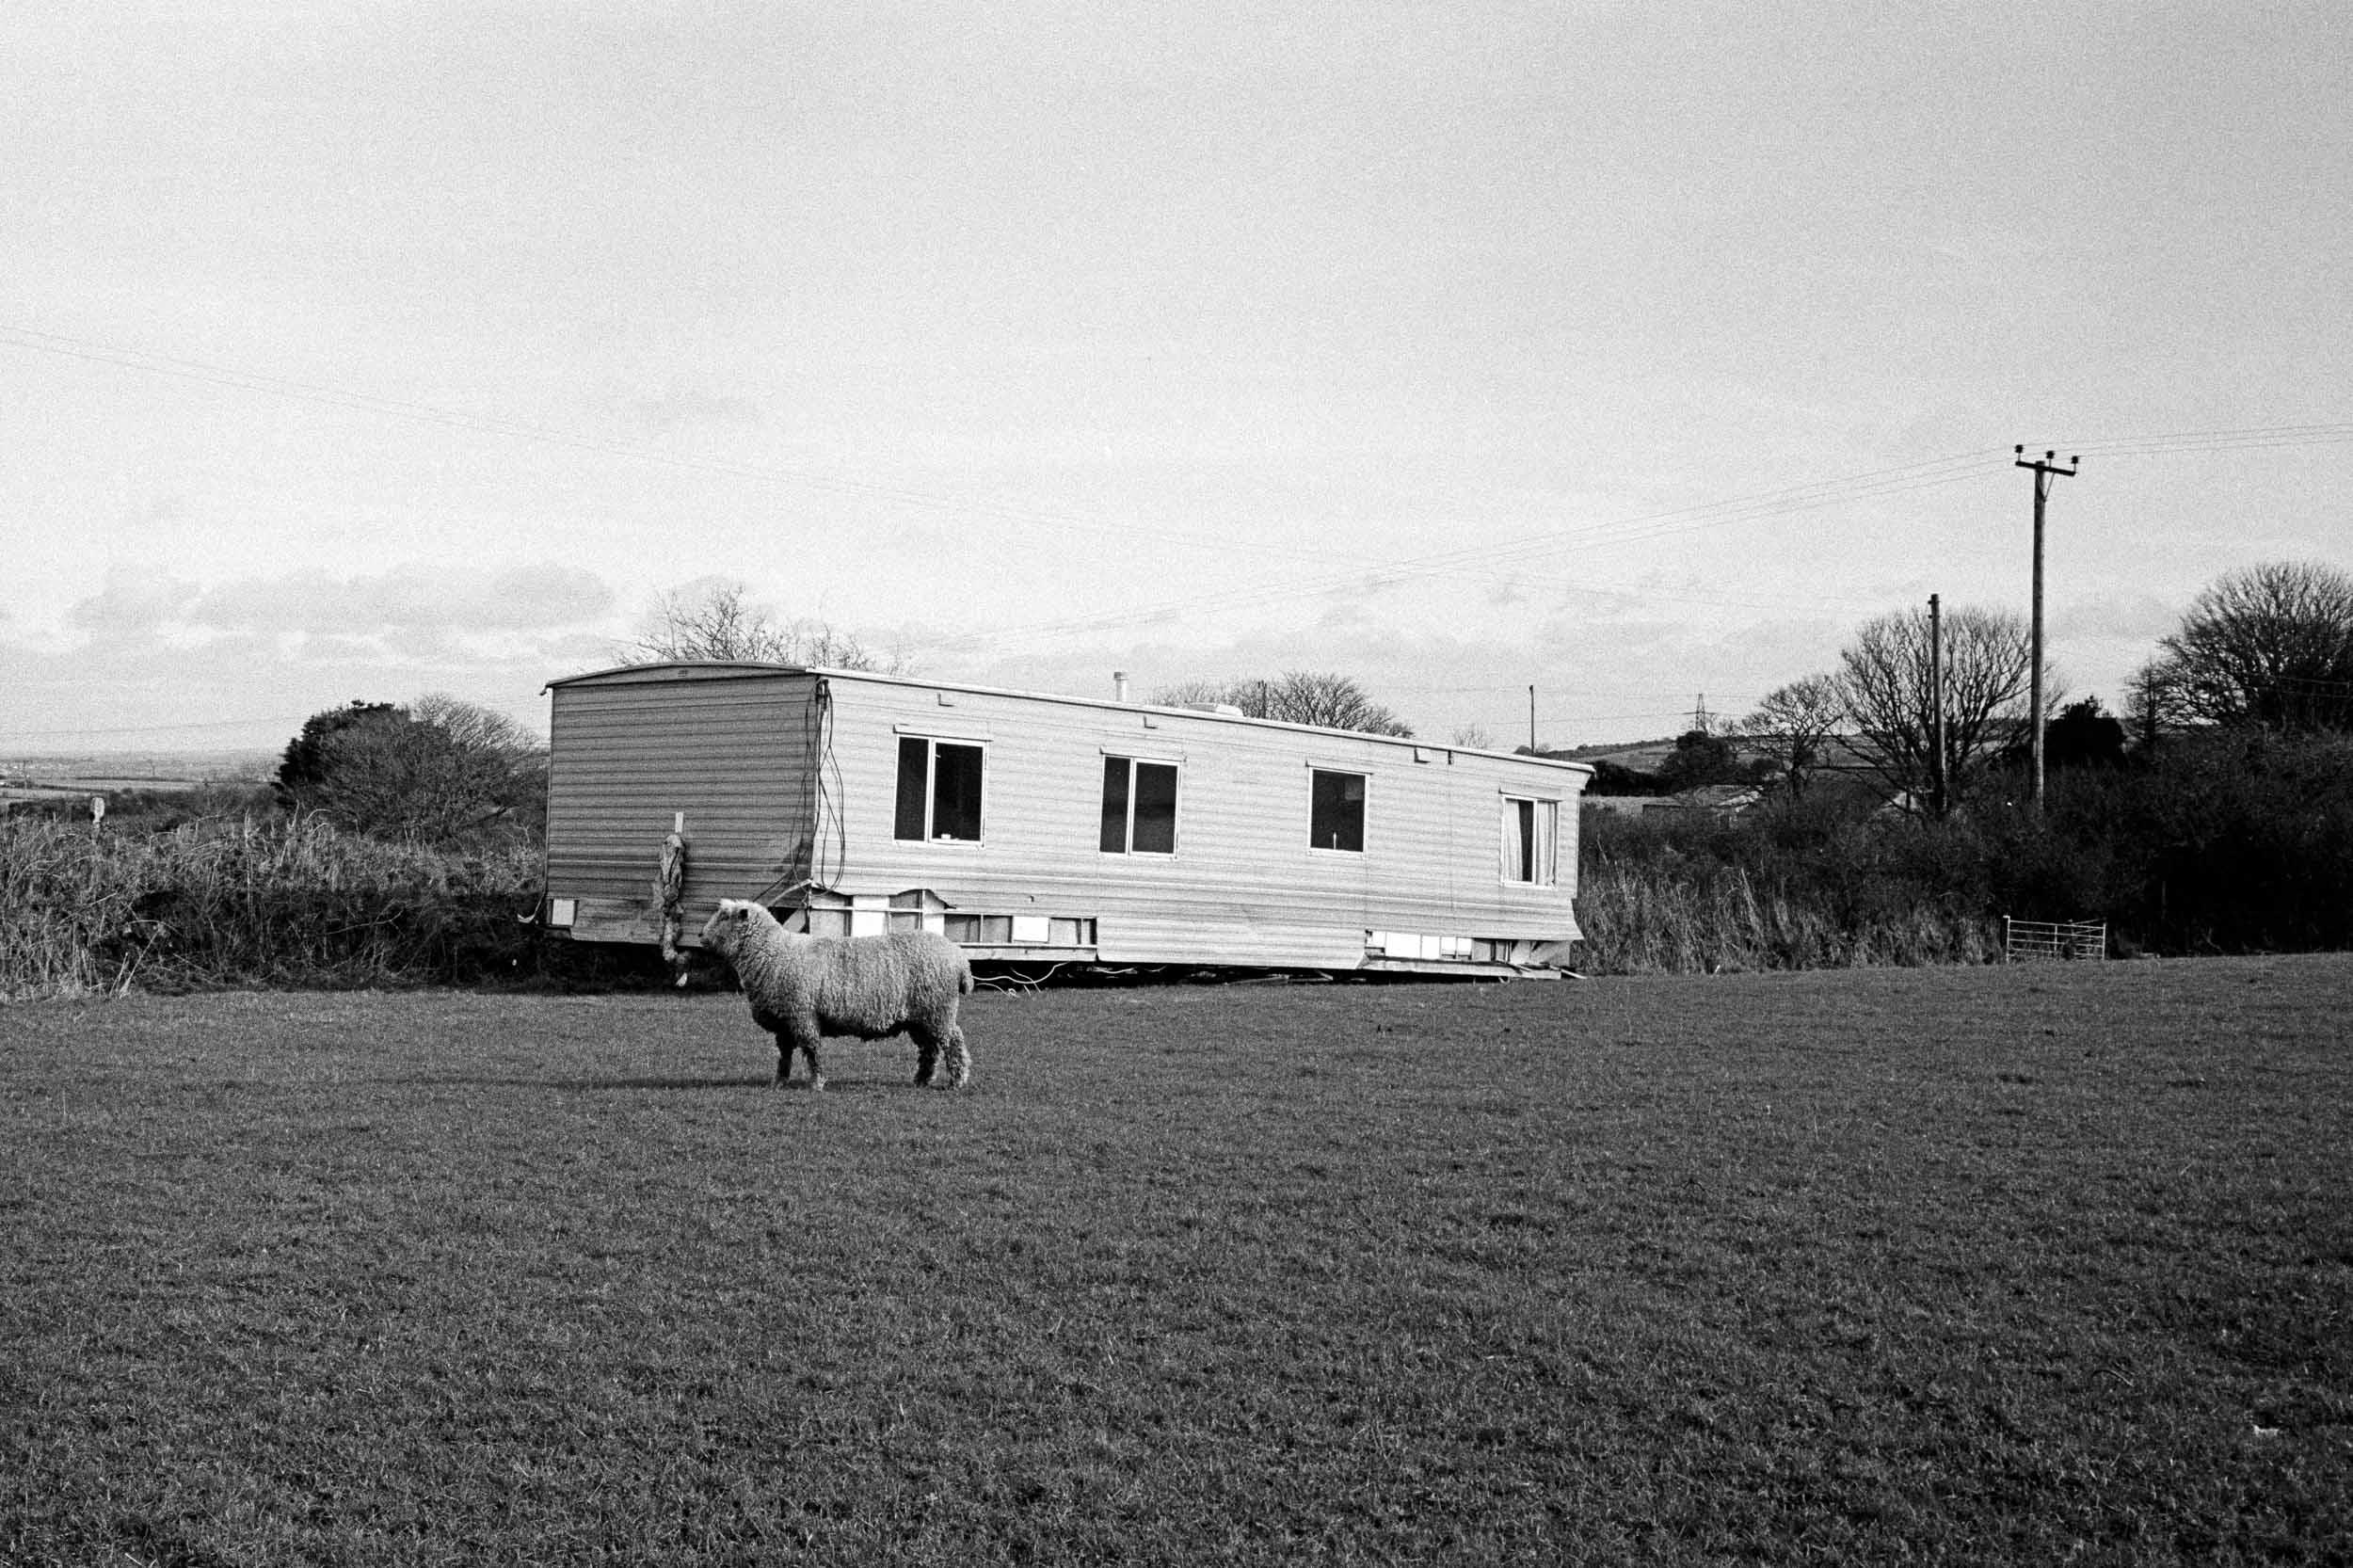 Rundown trailerhouse